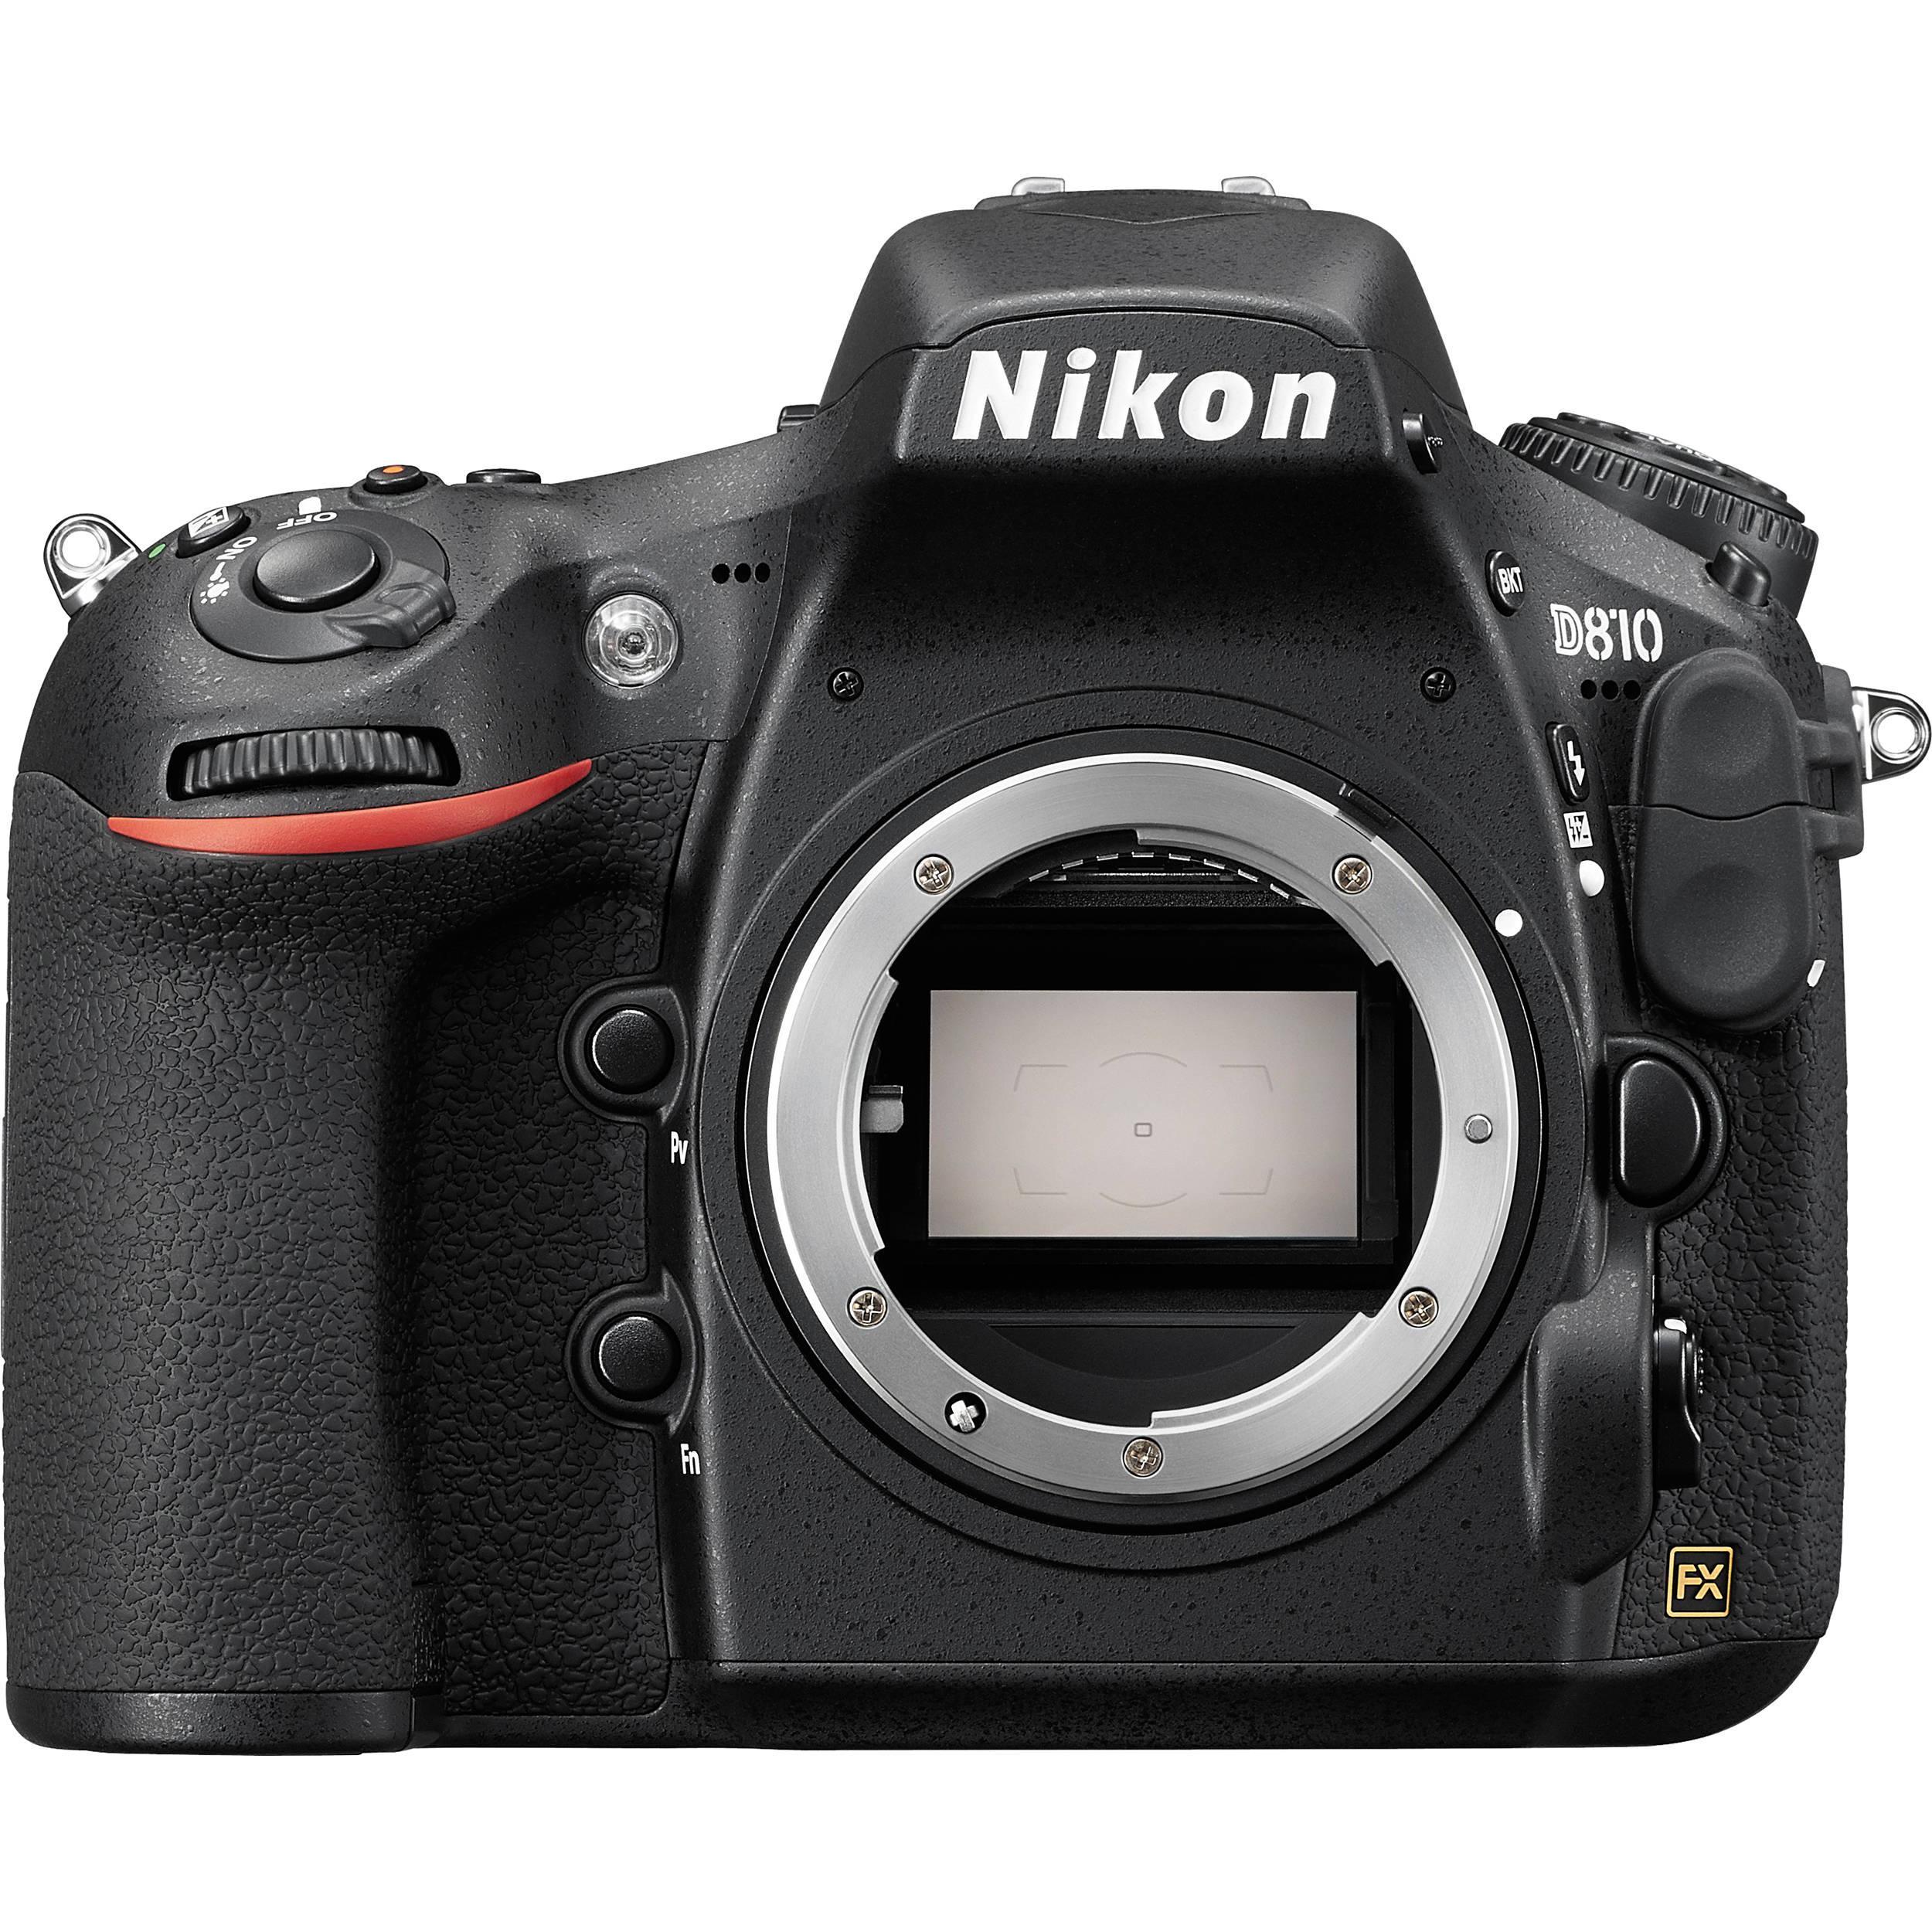 Reflexkamera - Nikon D810 Ohne Objektiv - Schwarz